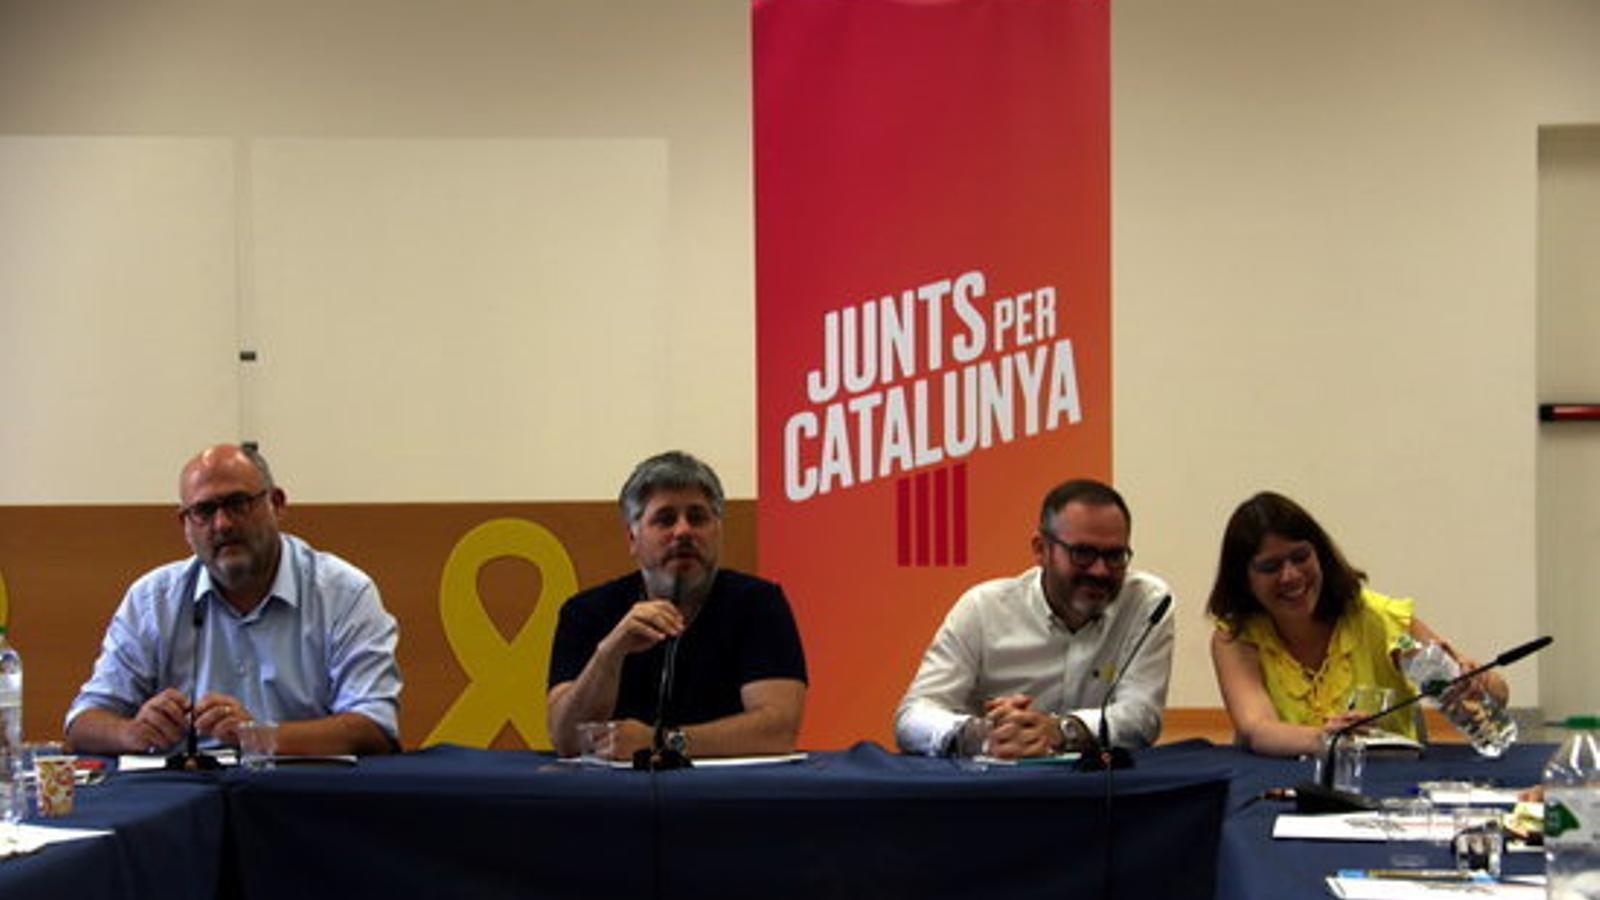 Els diputats de JxCat Eduard Pujol, Albert Batet, Josep Costa i Aurora Madaula aquest matí a Reus